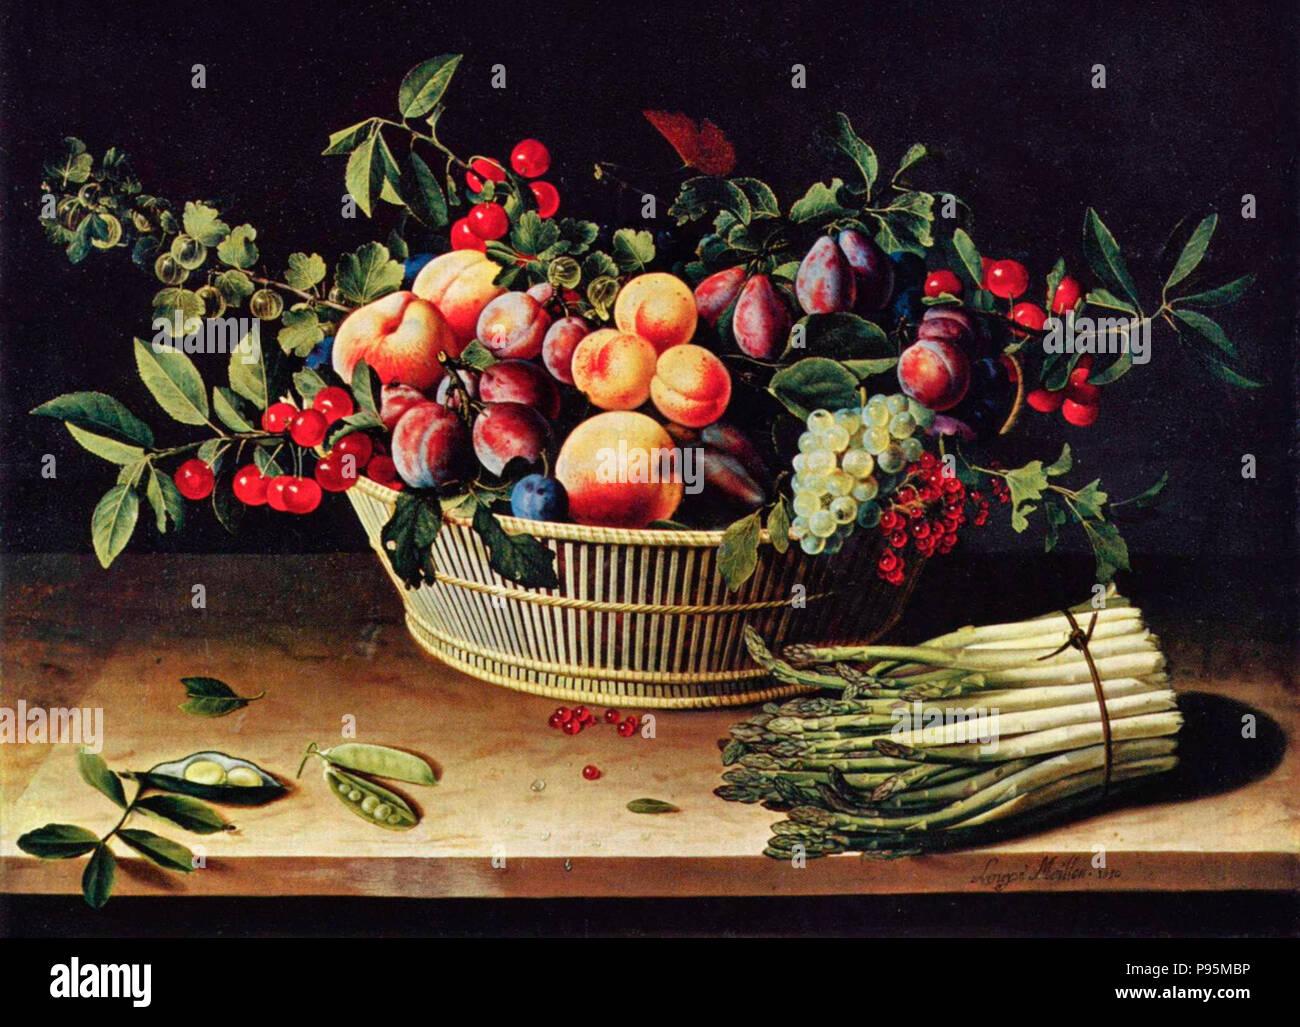 Noch immer leben mit einem Obstkorb und ein Bündel von Spargel - Louise Moillon, ca. 1630 Stockbild